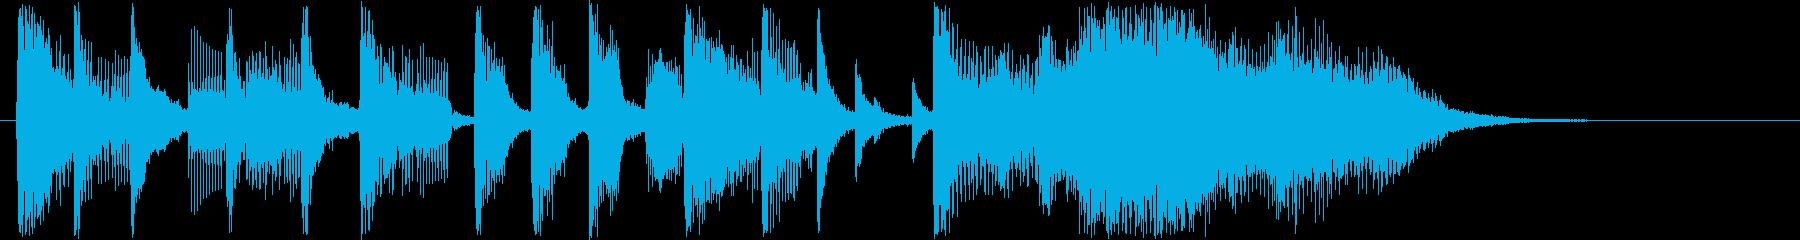 はっきりと強いトーンのショートソングの再生済みの波形